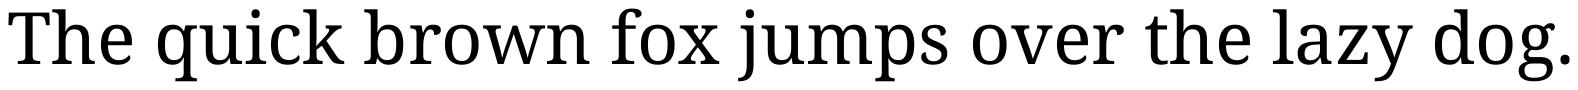 Noto Serif Basic (Regular + Italic + Bold + Bold Italic)